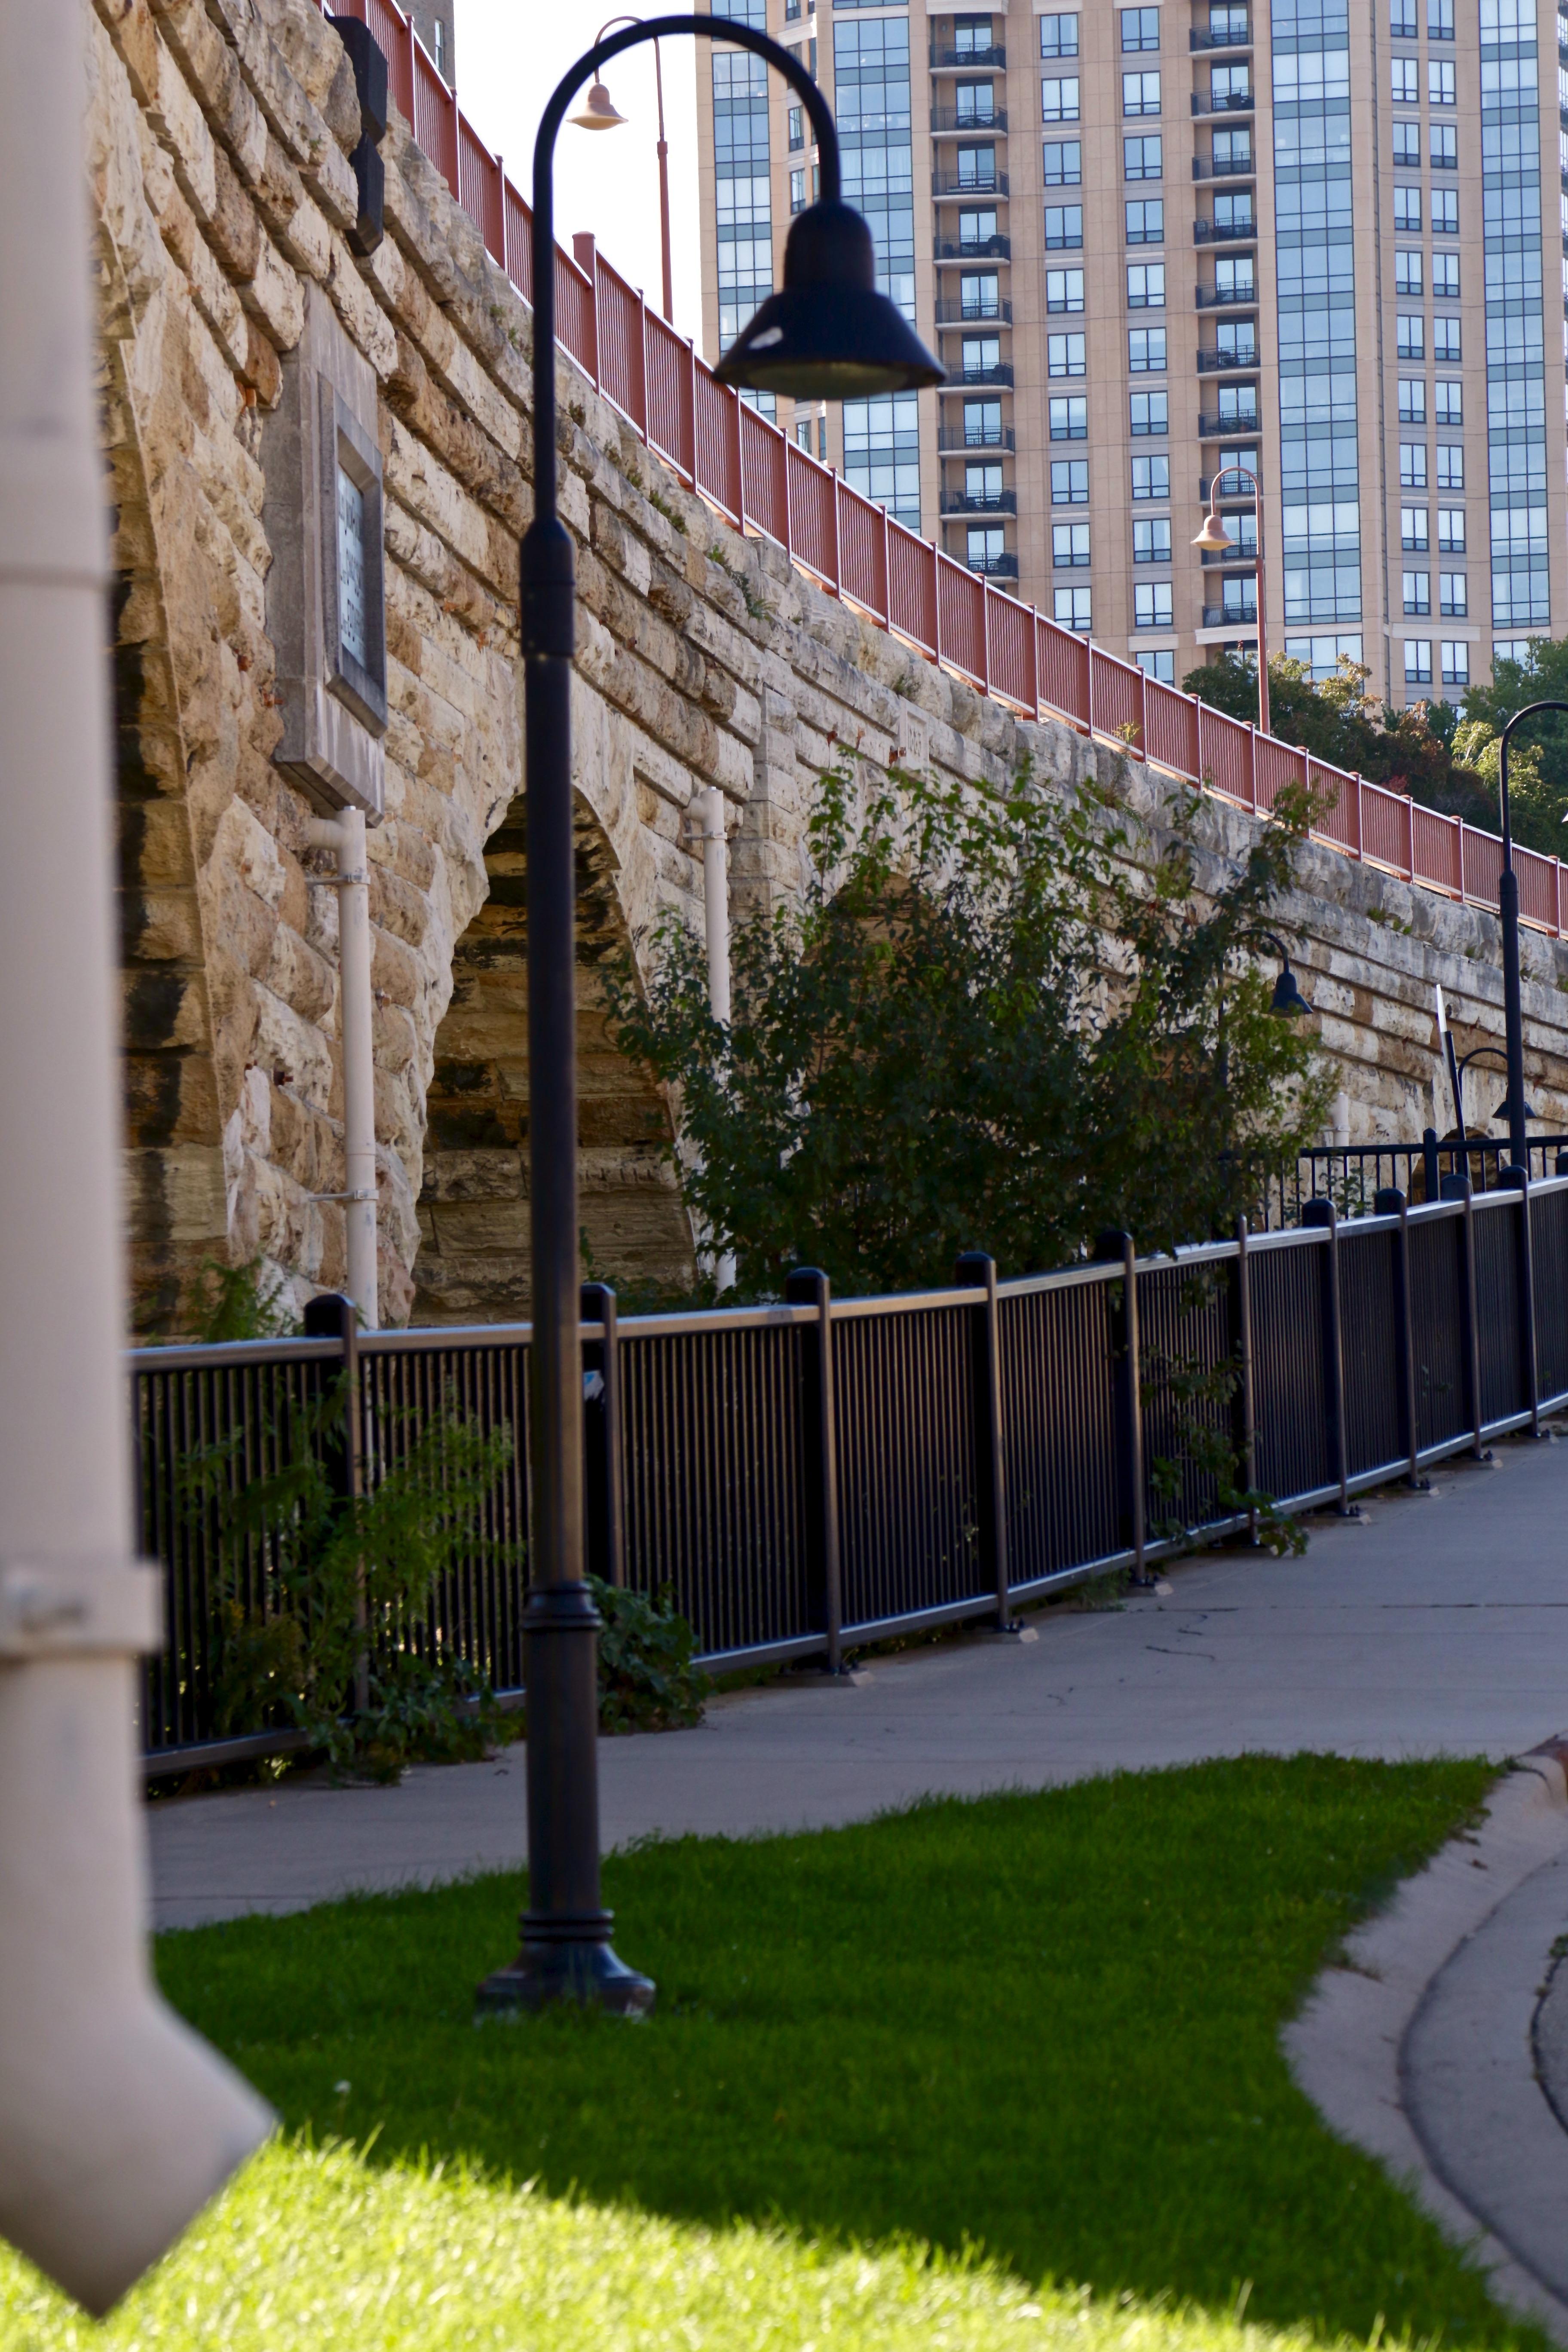 Kostenlose Foto Gras Zaun Die Architektur Rasen Mauer